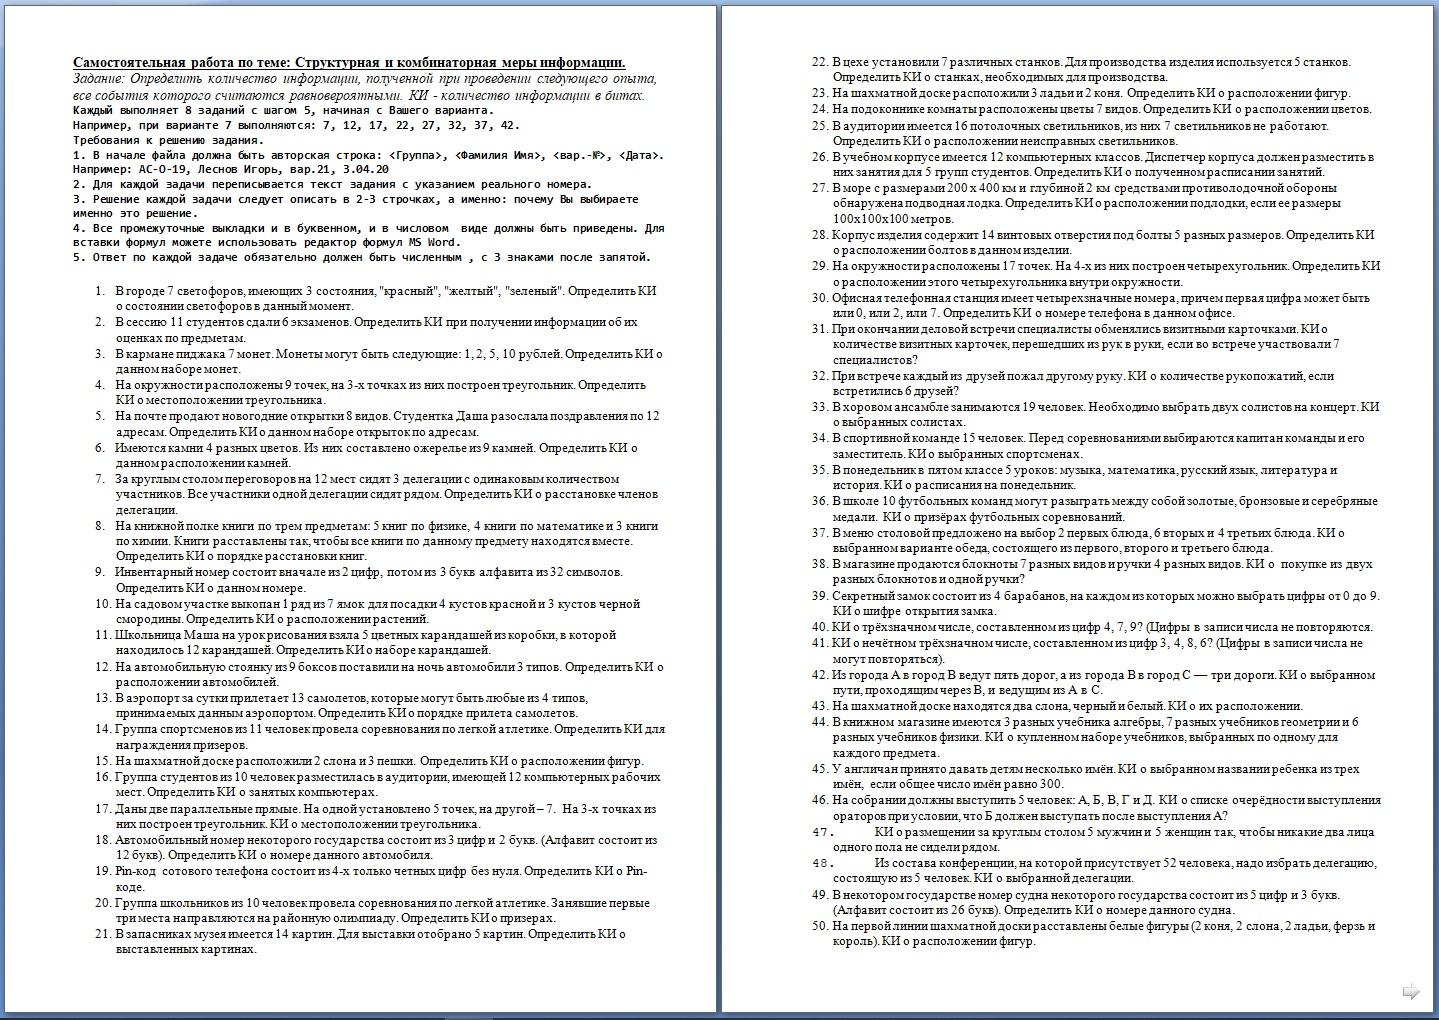 90-sam-3-informmetrika-ki-11